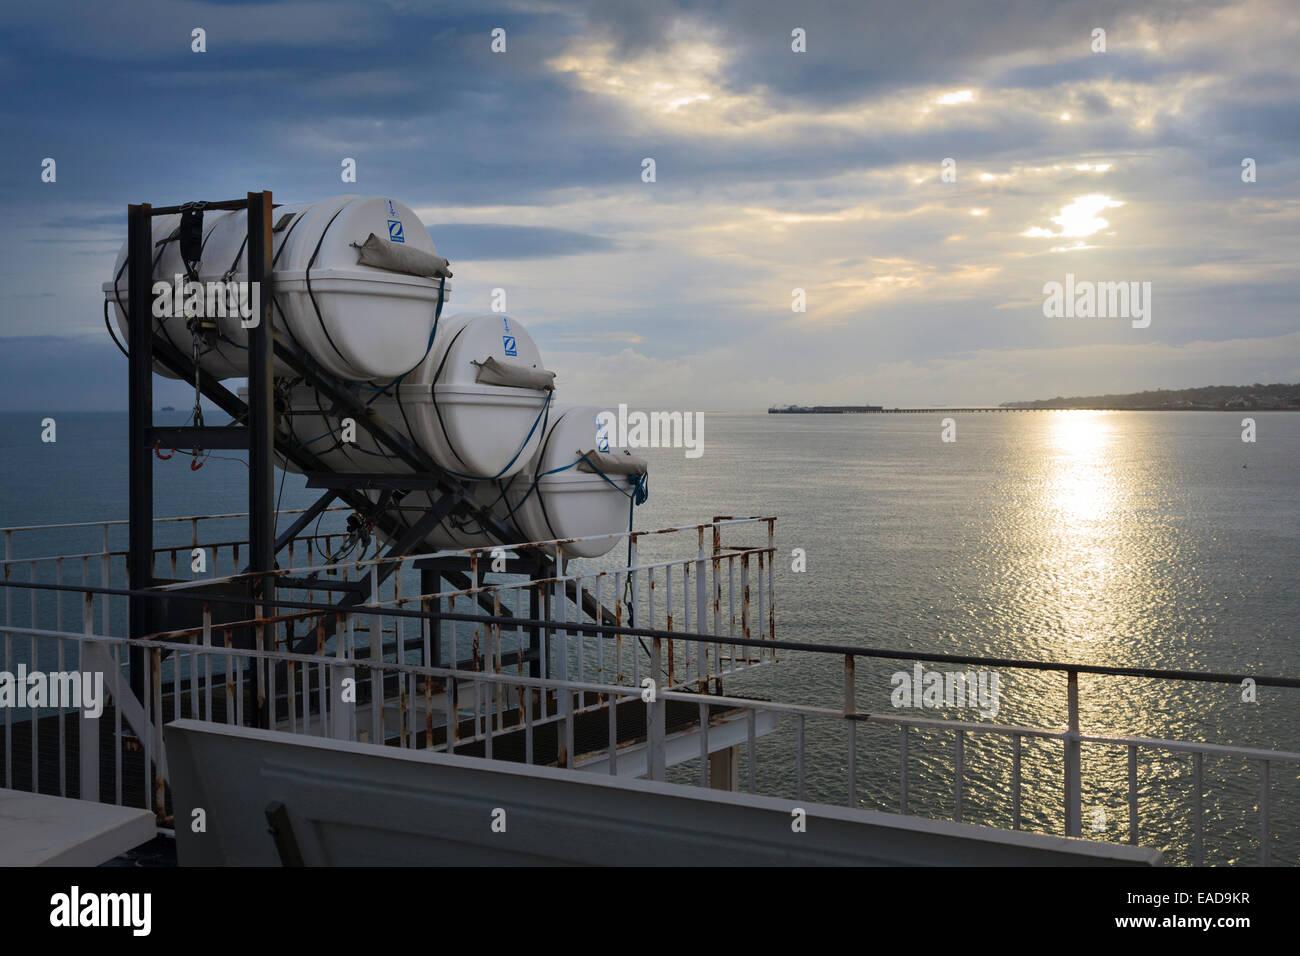 Implementación de la balsa salvavidas Zodiac deslice sobre ferry Imagen De Stock